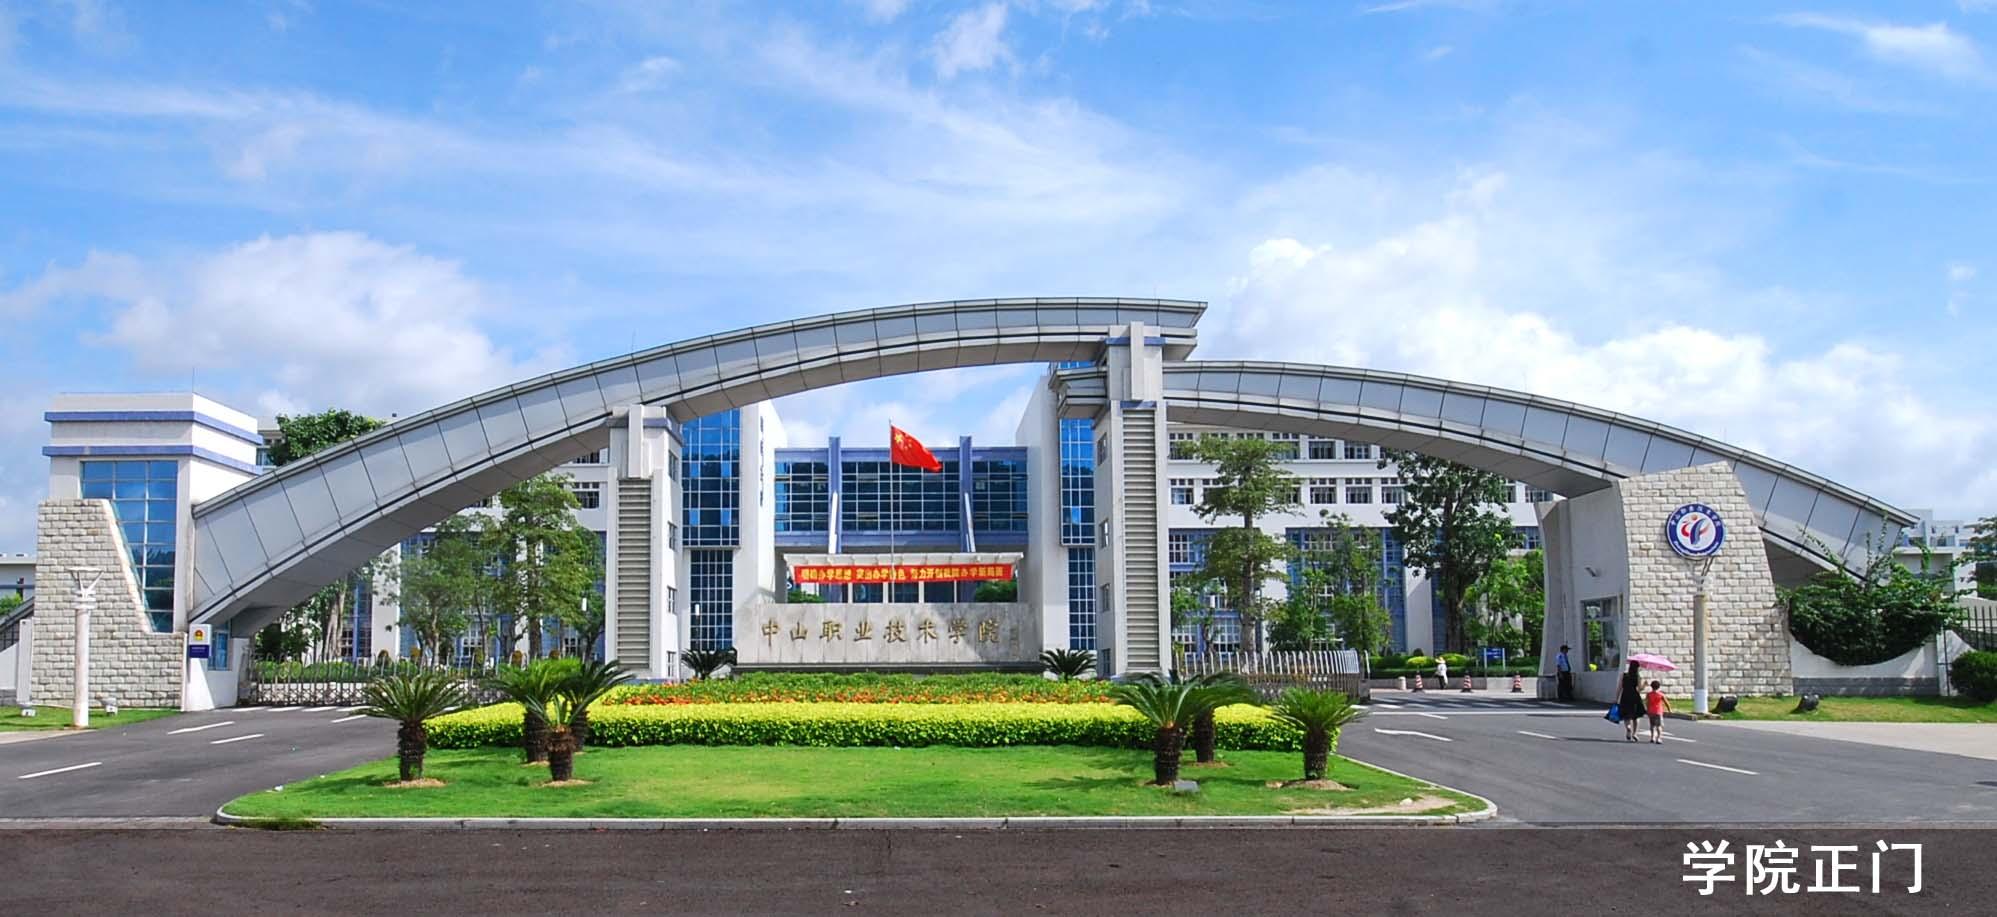 中山職業技術學院